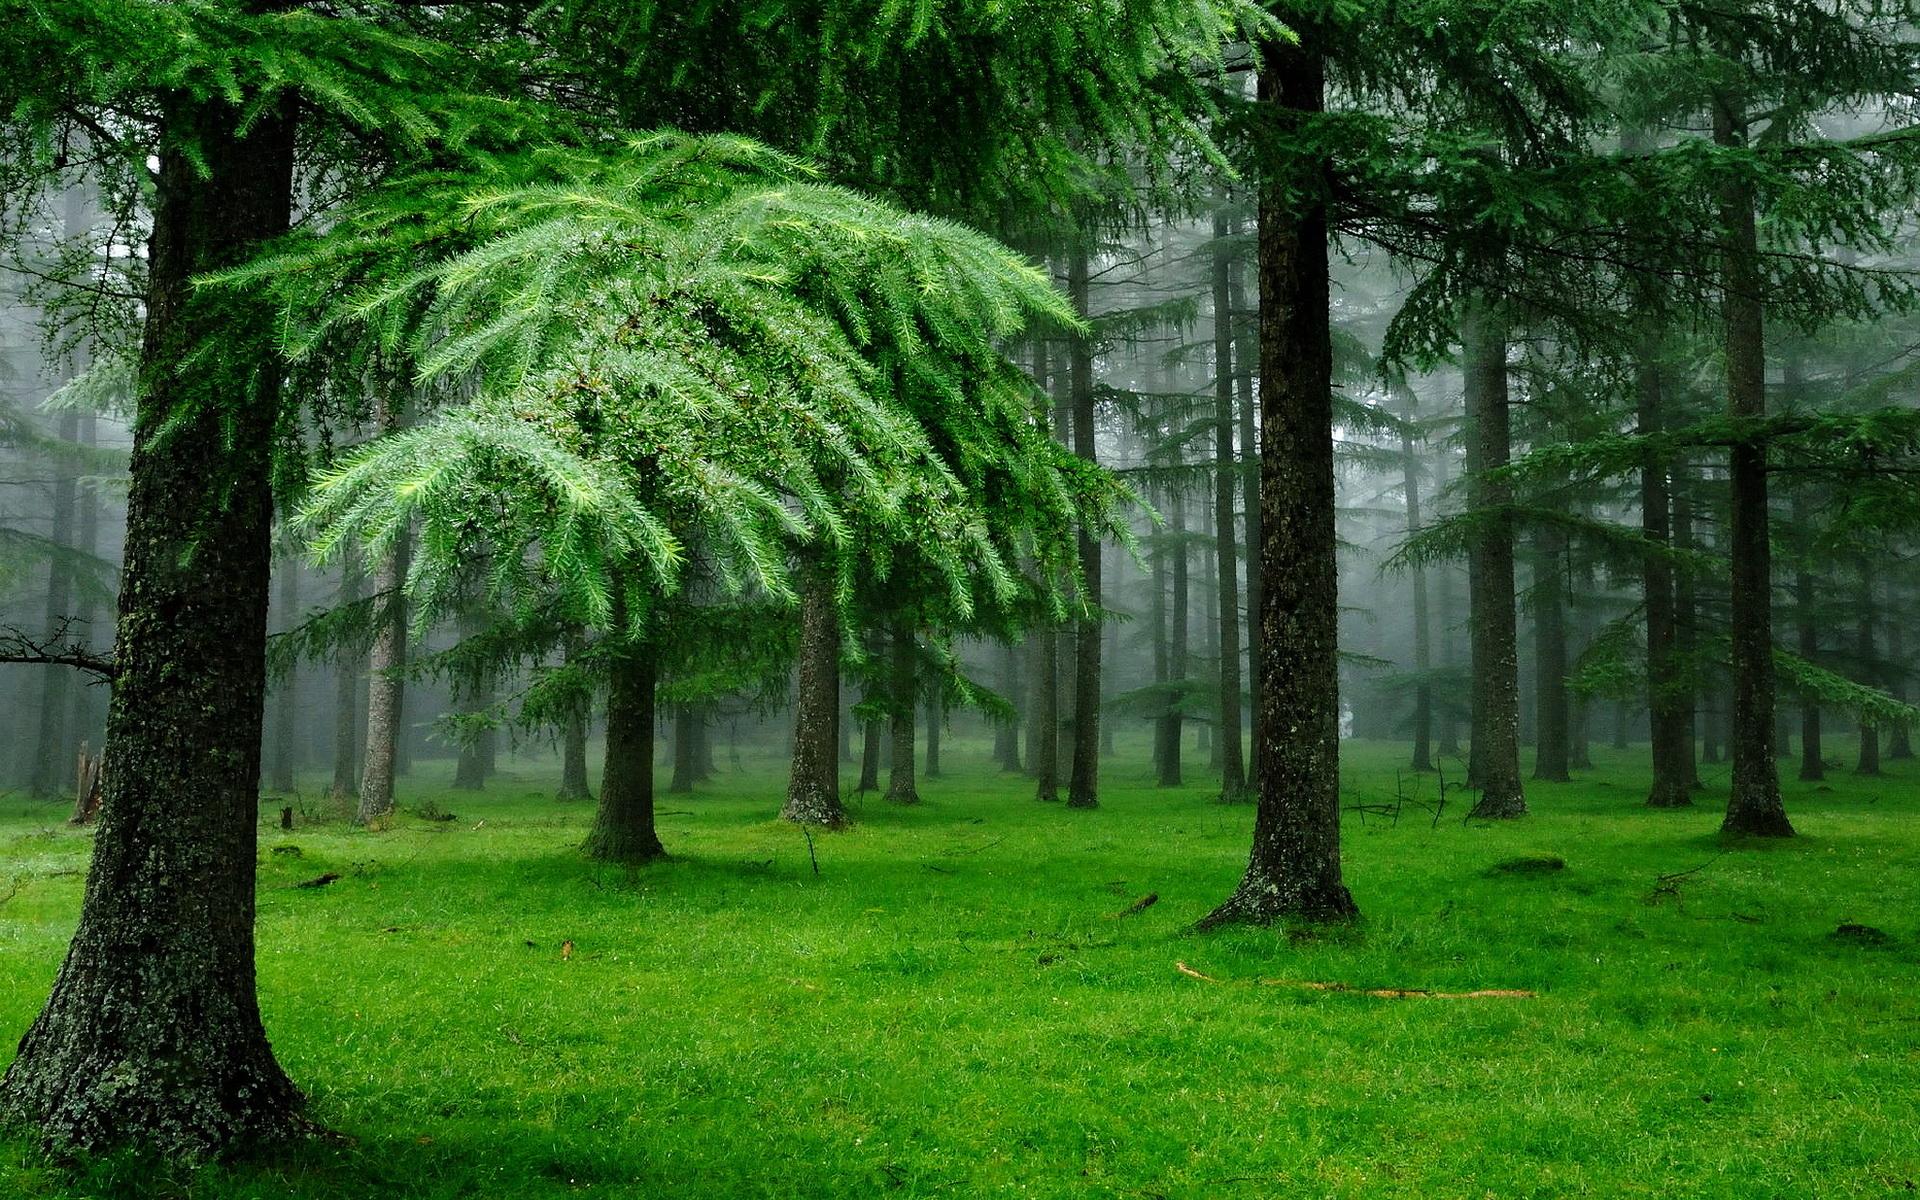 46083 Hintergrundbild herunterladen Landschaft, Pflanzen, Bäume - Bildschirmschoner und Bilder kostenlos